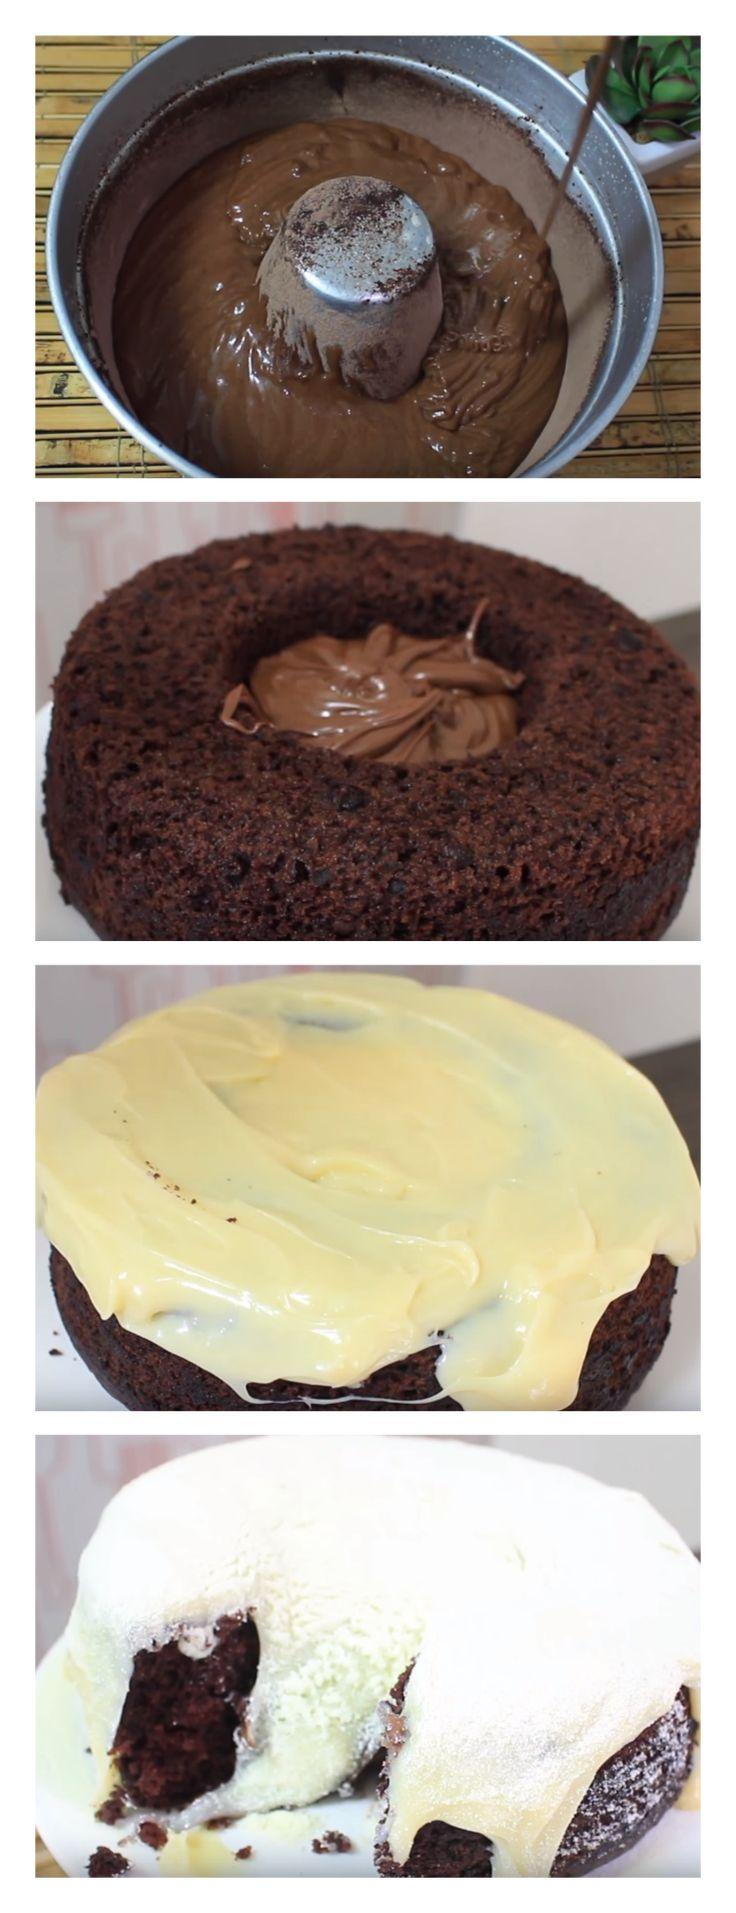 Bolo Vulcão de Leite Ninho com Nutella salve esse Pin A Receita de Bolo Vulcão de Leite Ninho com Nutella é fácil de fazer e fica um espetáculo. A massa do bolo vulcão de leite ninho é de chocolate #bolo#torta#doce#sobremesa#aniversario#pudim#mousse#pave#Cheesecake#chocolate